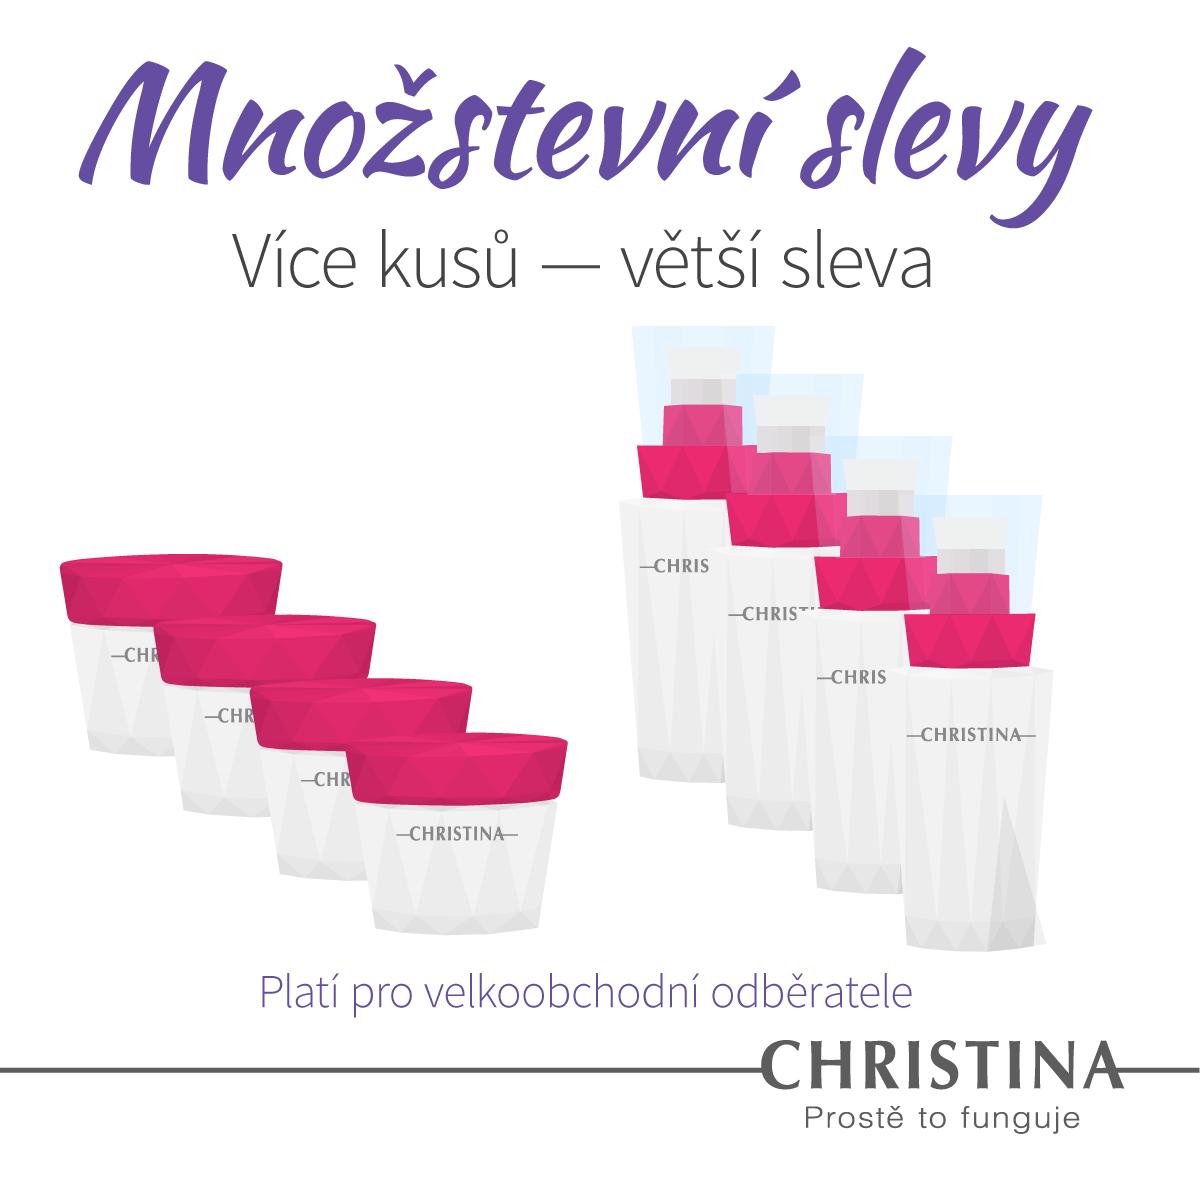 mnozstevni_sleva_post